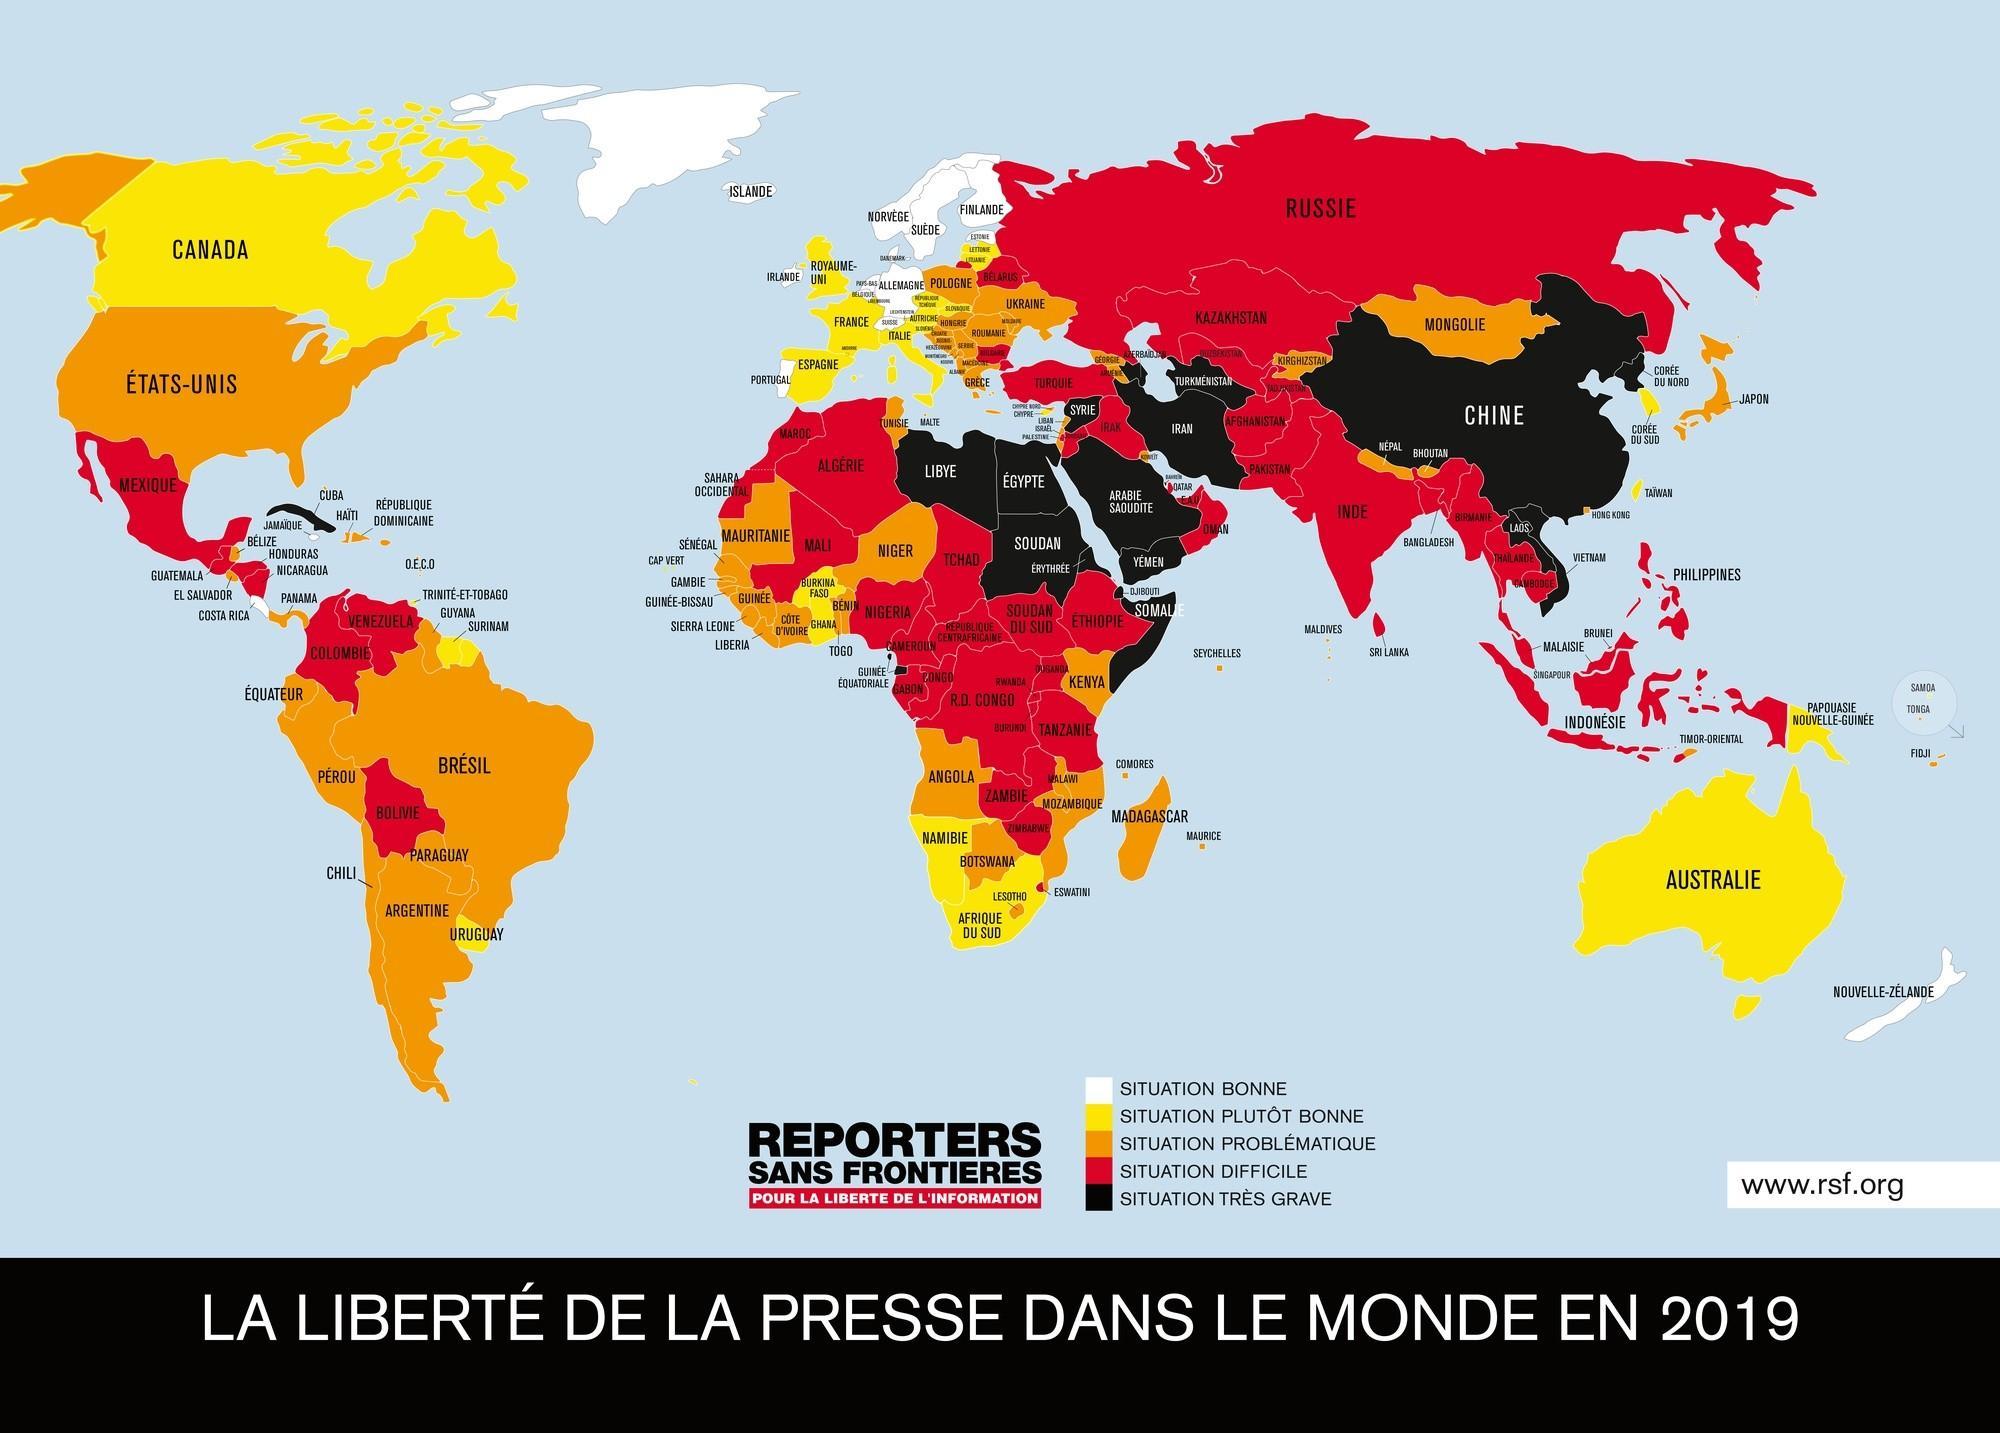 La liberté de la presse dans le monde en 2019